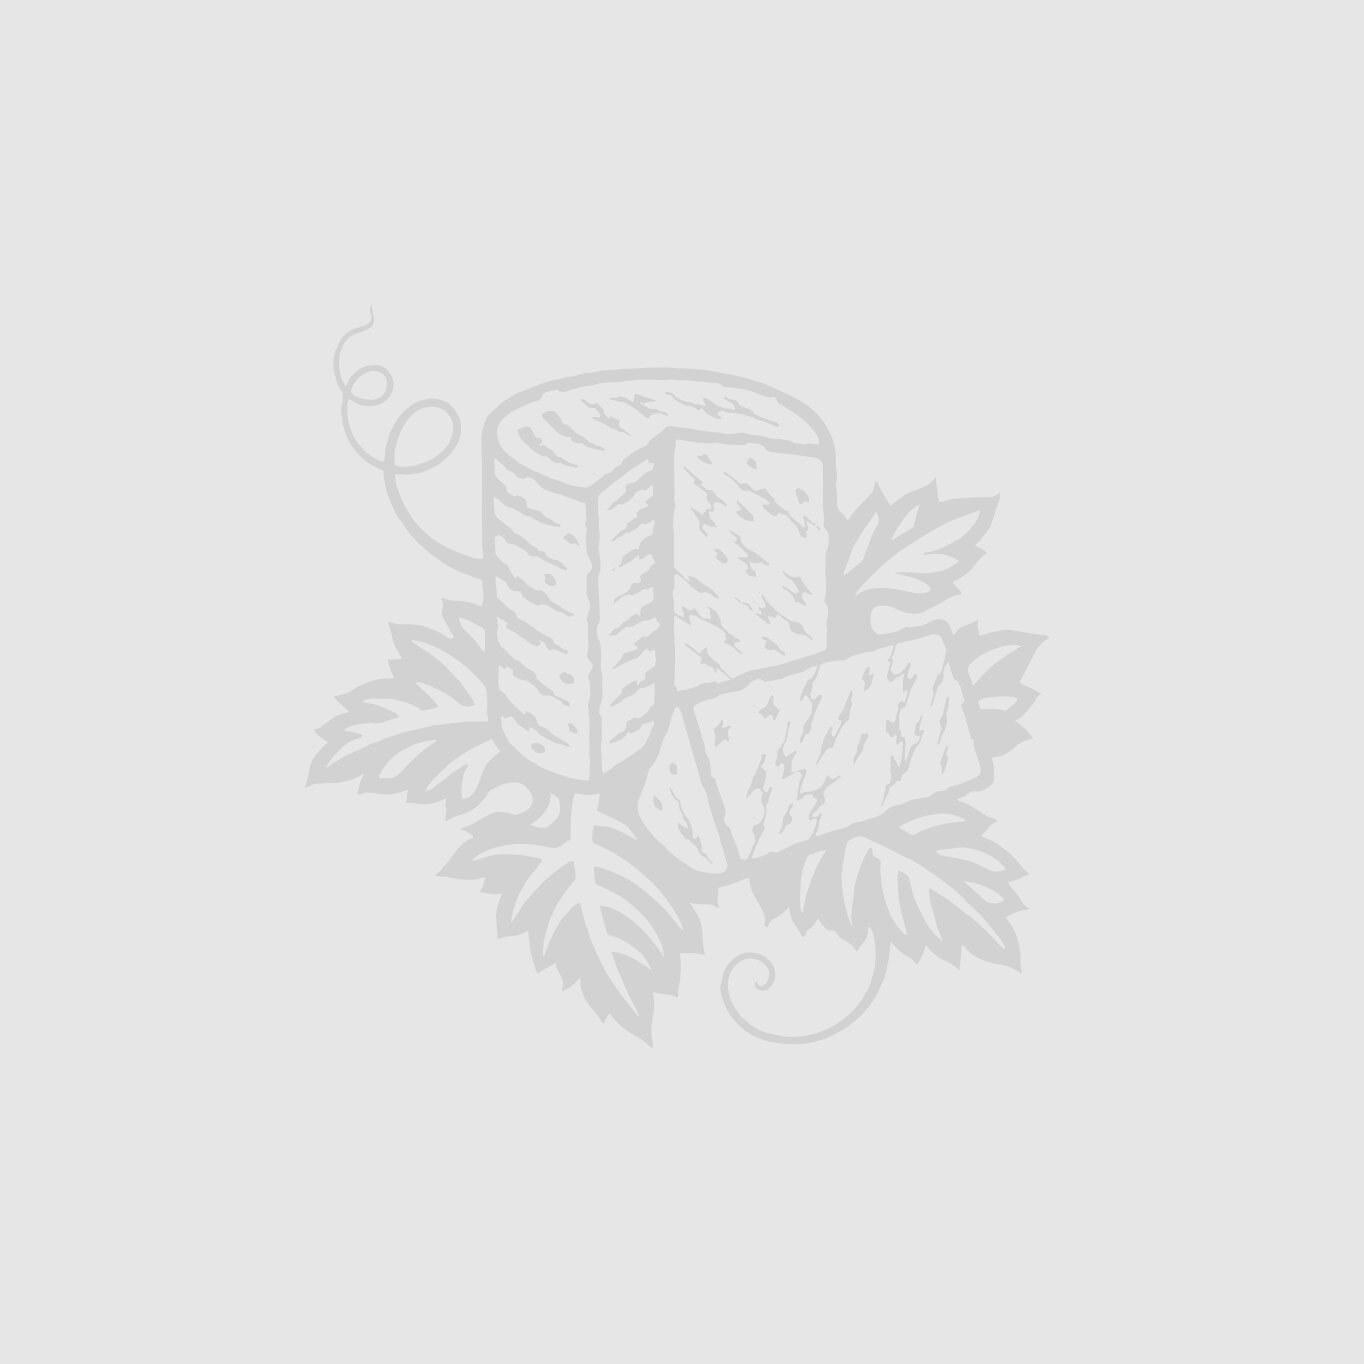 Valdobbiadene Prosecco Superiore DOCG Cantina Progettidivini 2016